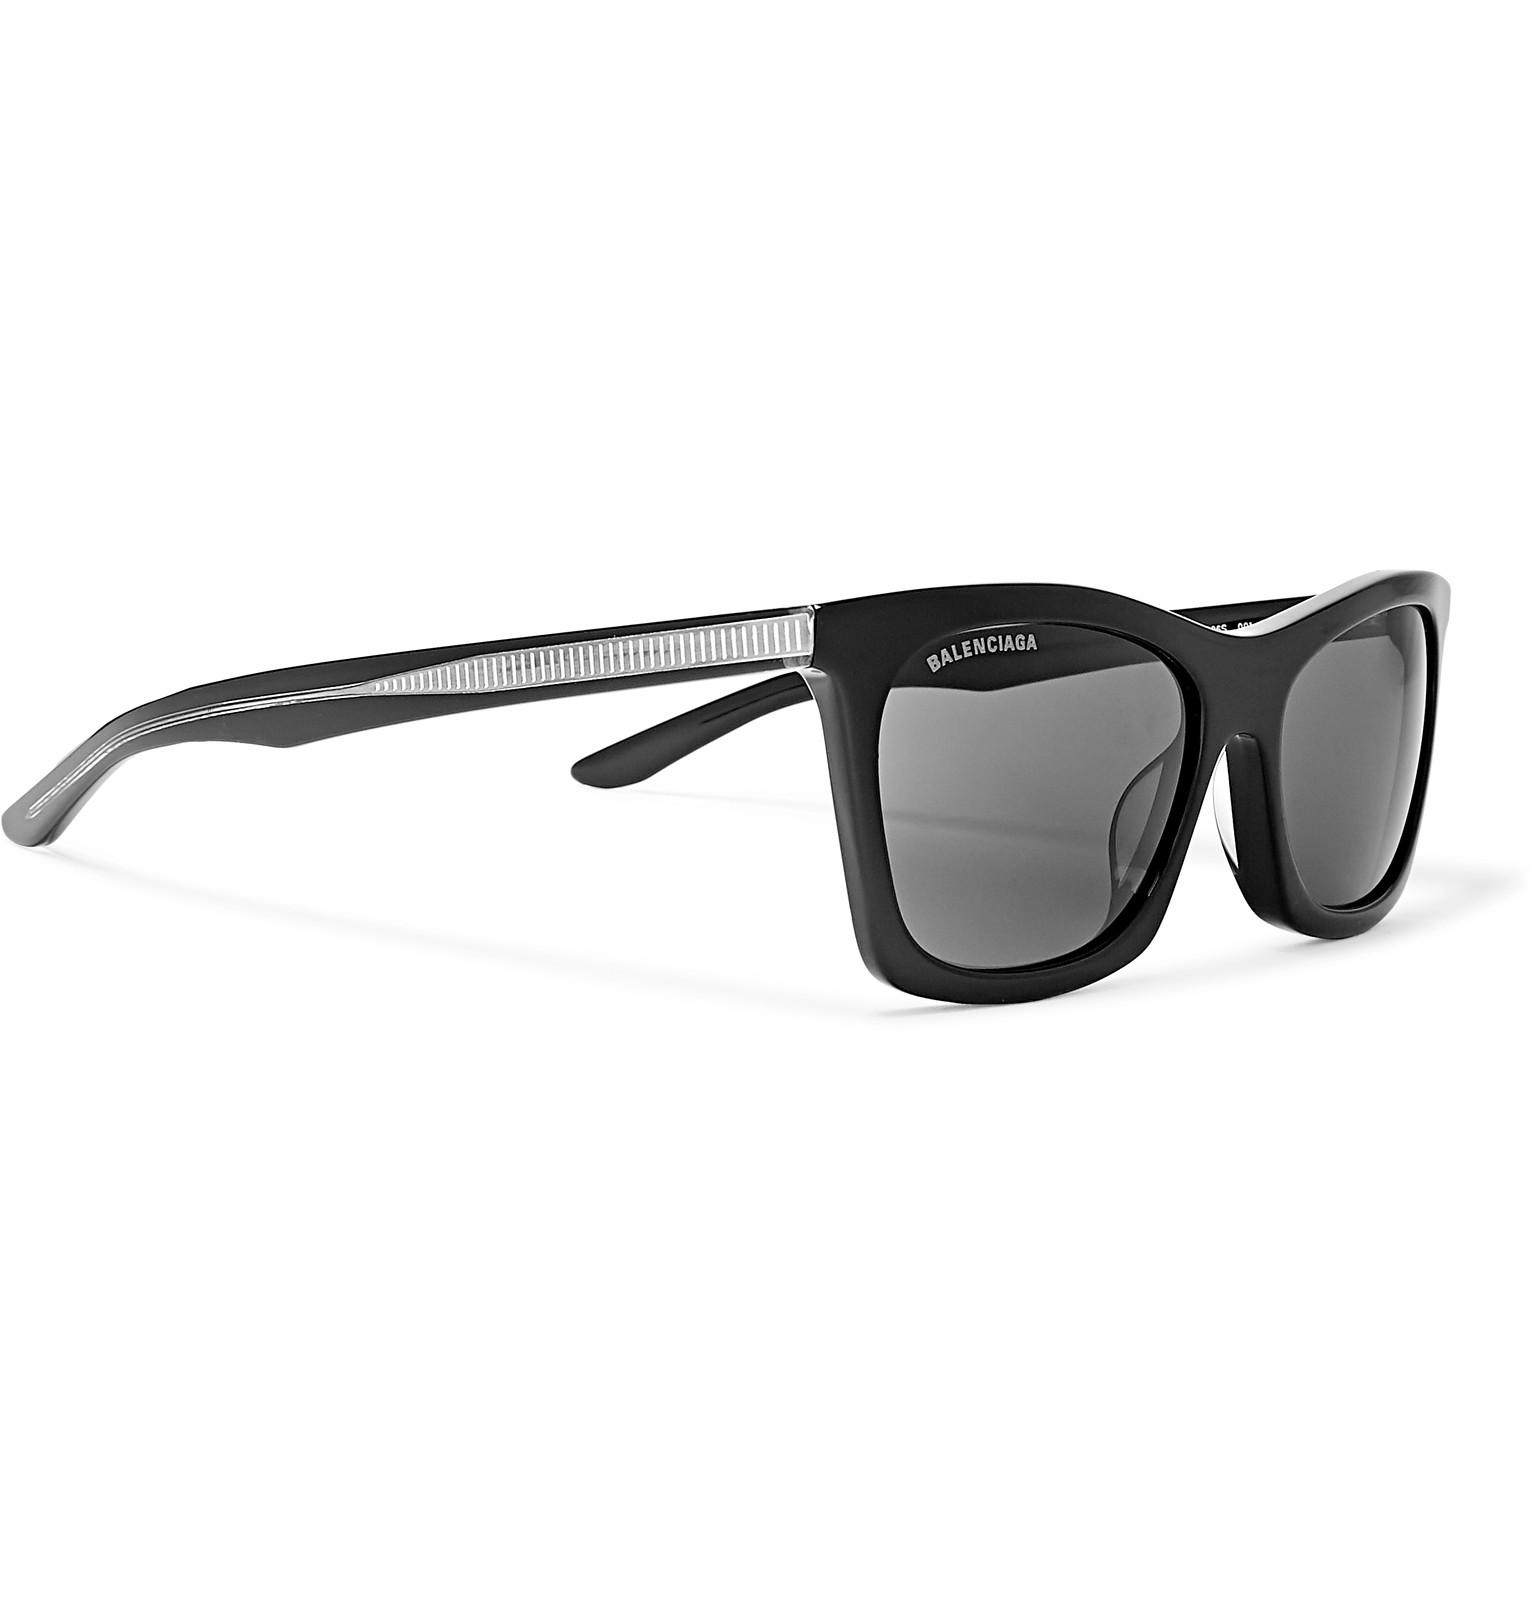 Tone Acetate Sunglasses And Balenciaga Silver D Frame xOXHZ